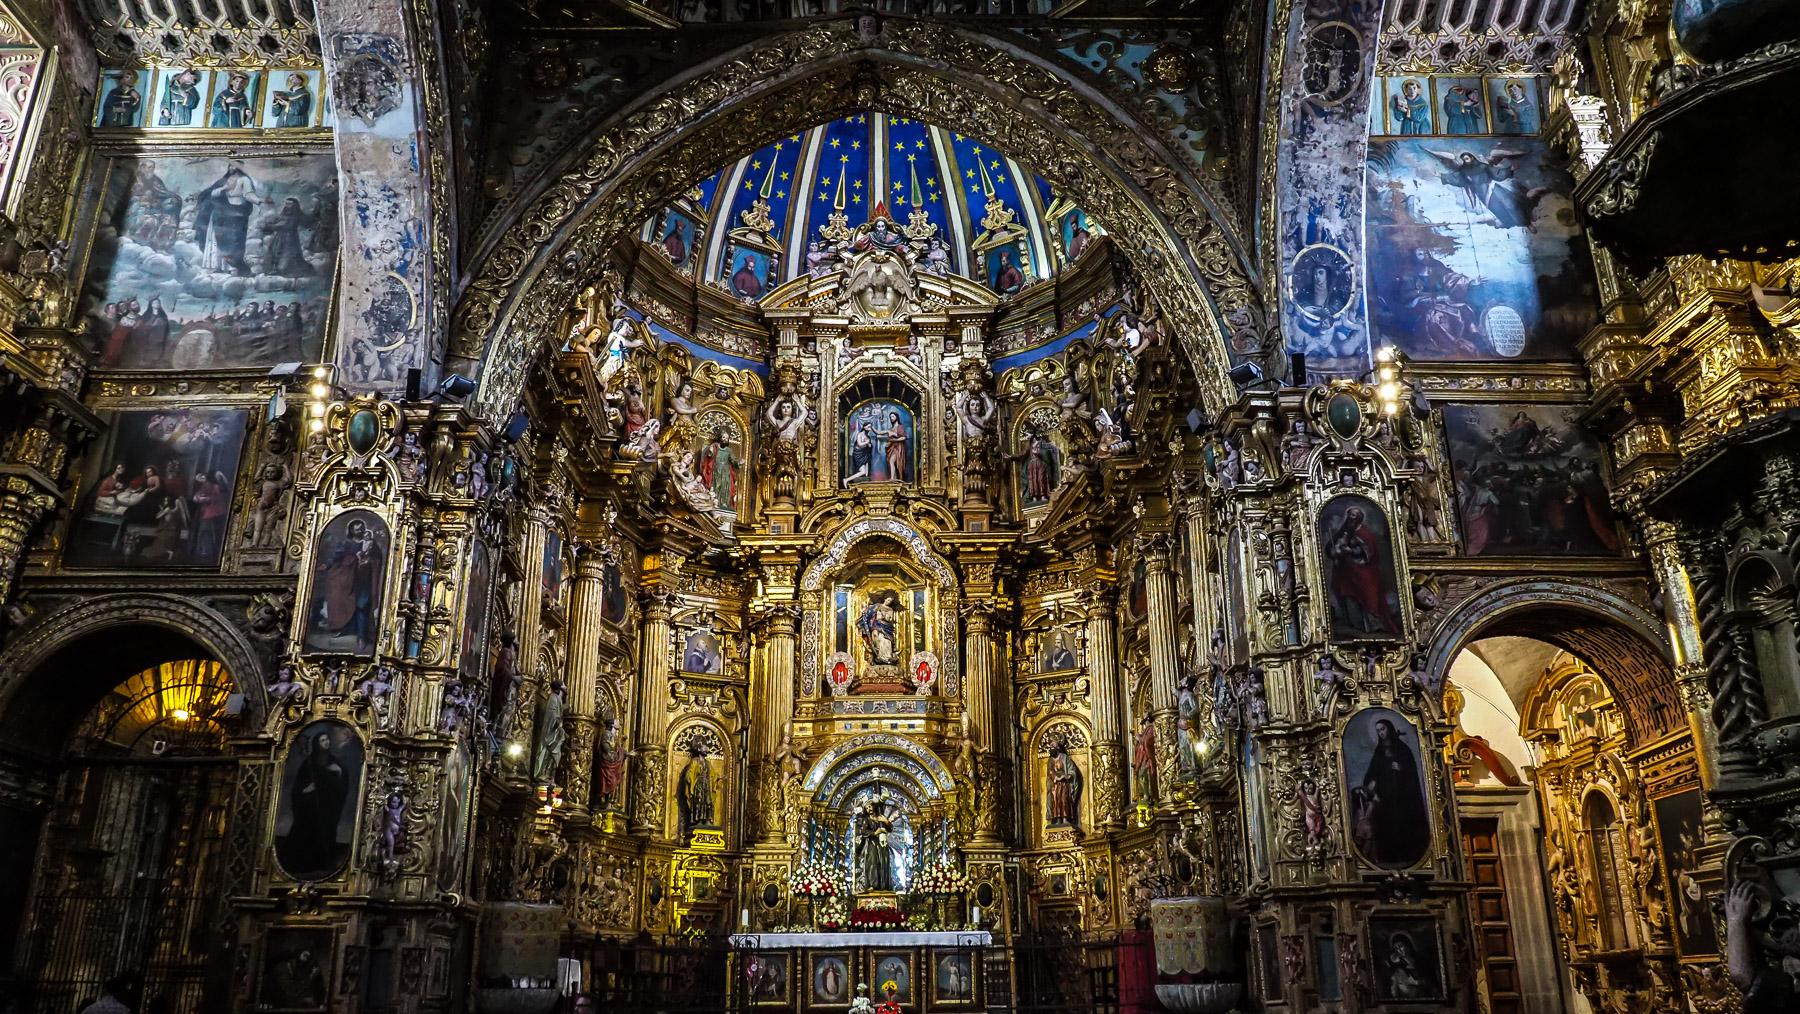 Das ist noch nicht einmal die prunkvollste Kirche. Die mit dem meisten Gold darf man nicht photographieren